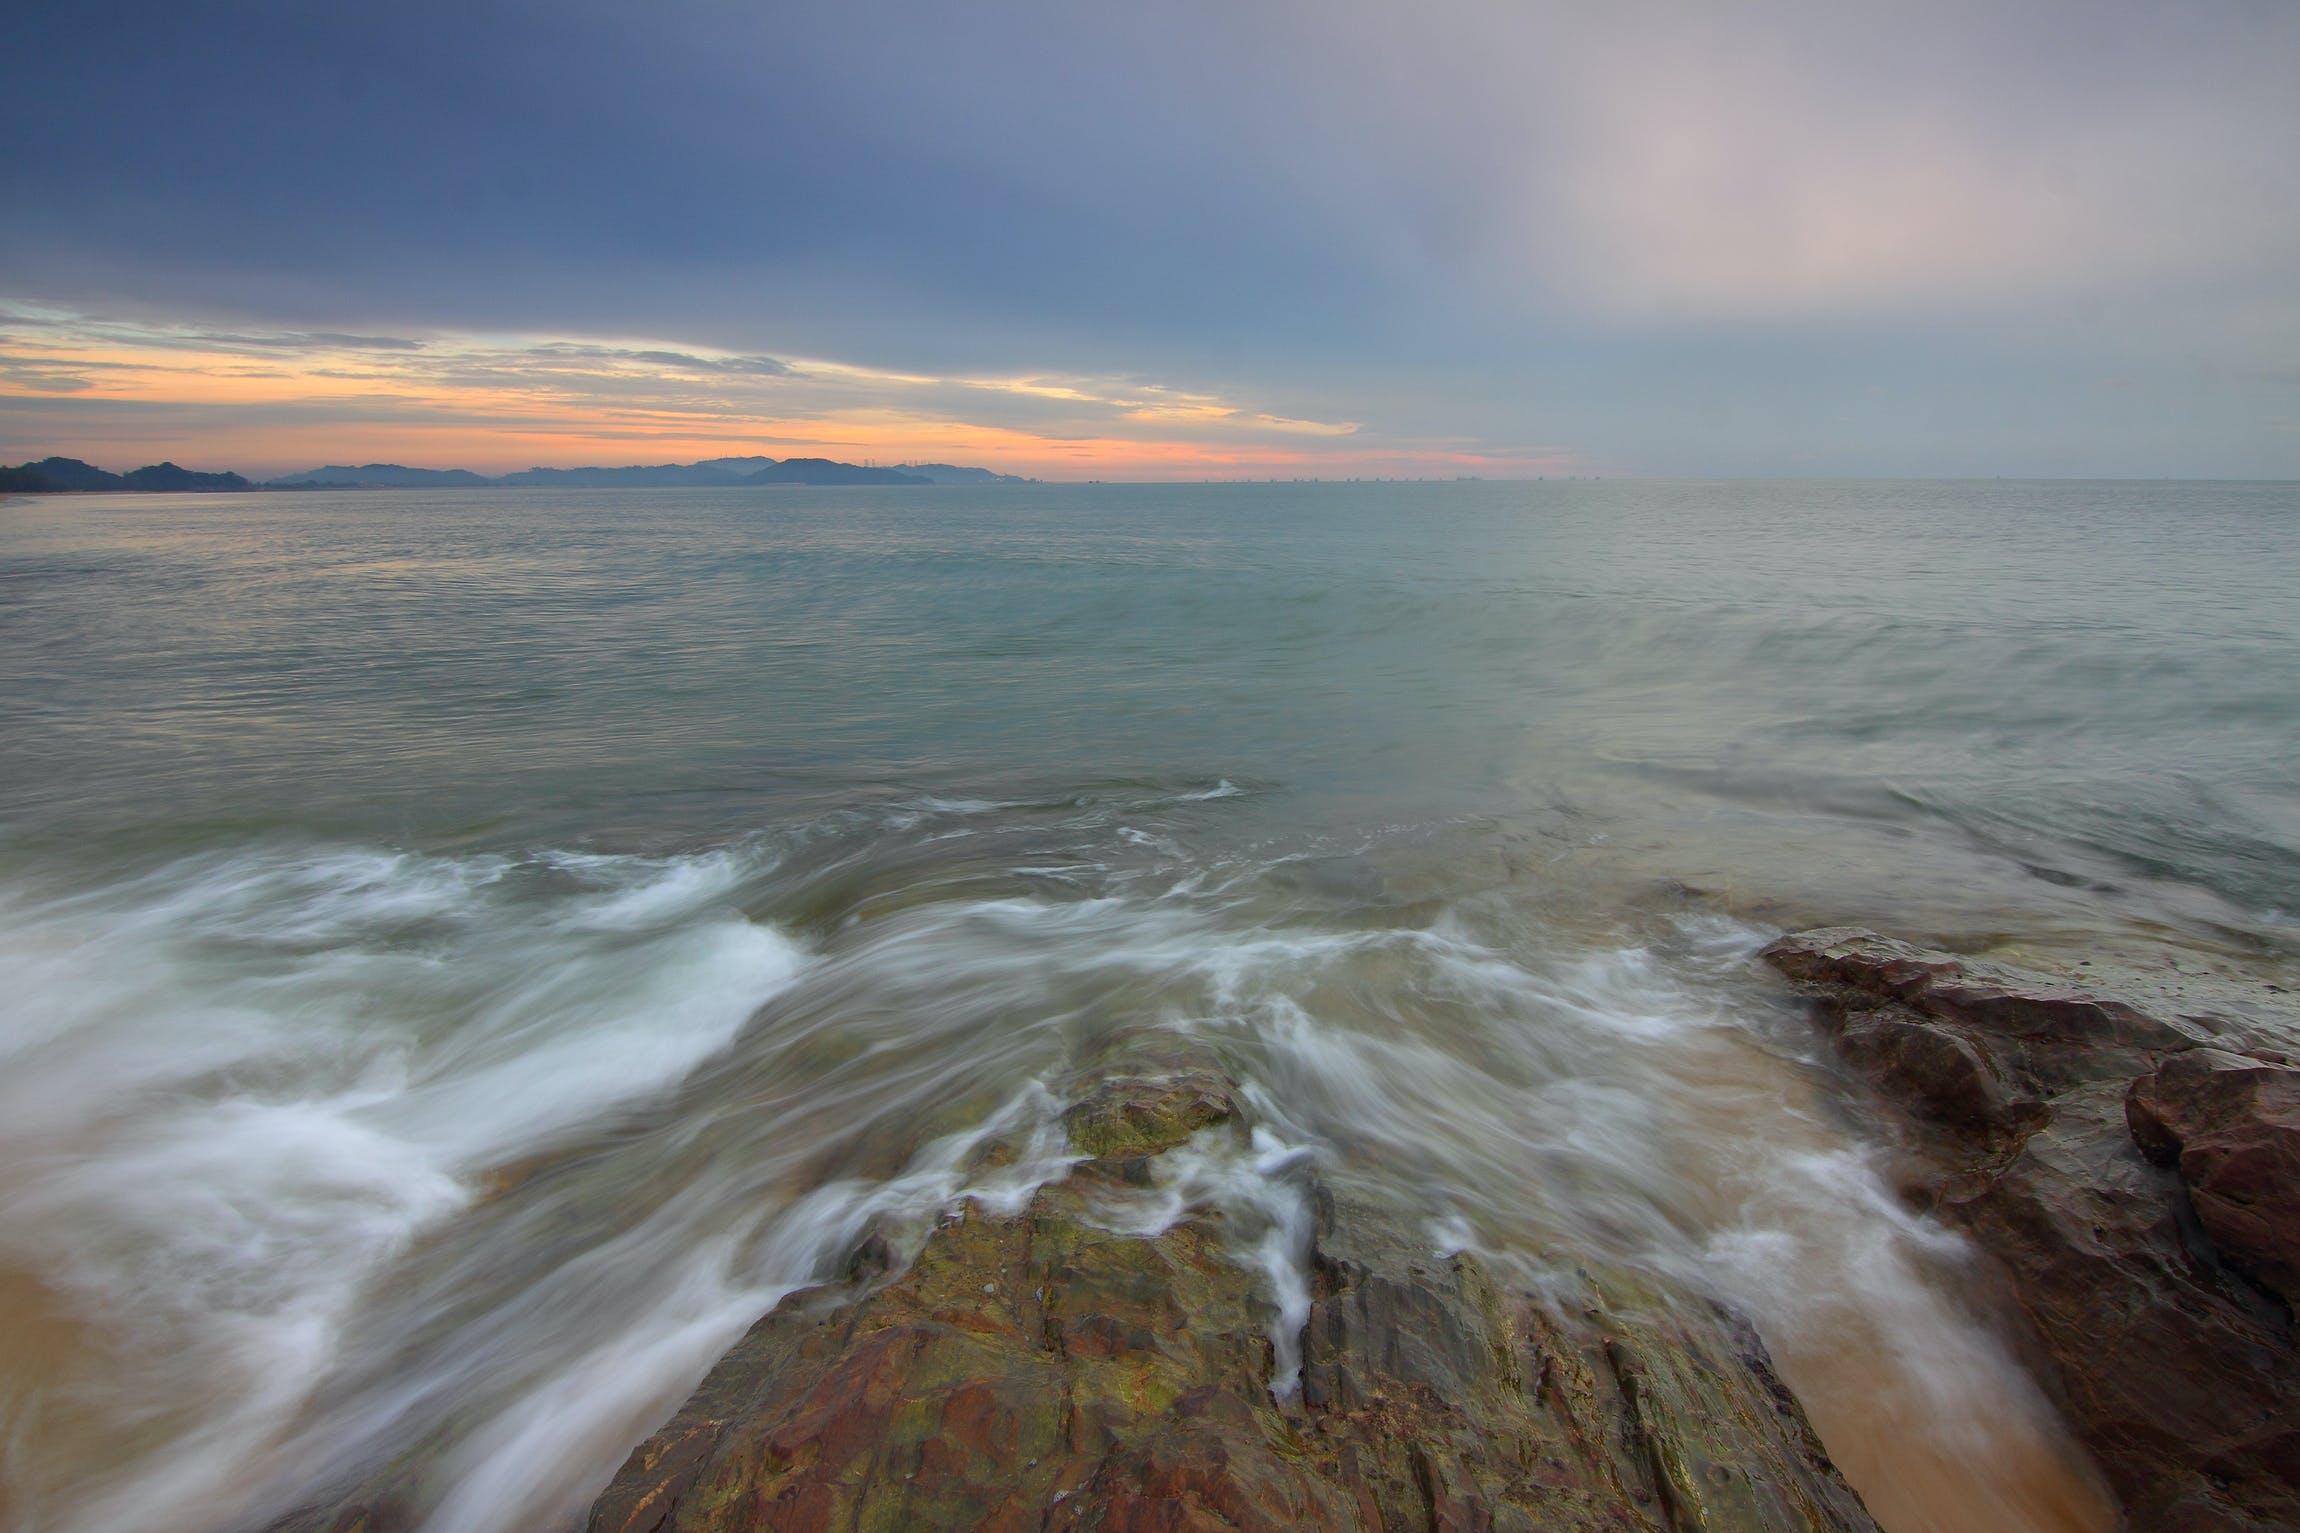 aften, bølger, dagslys